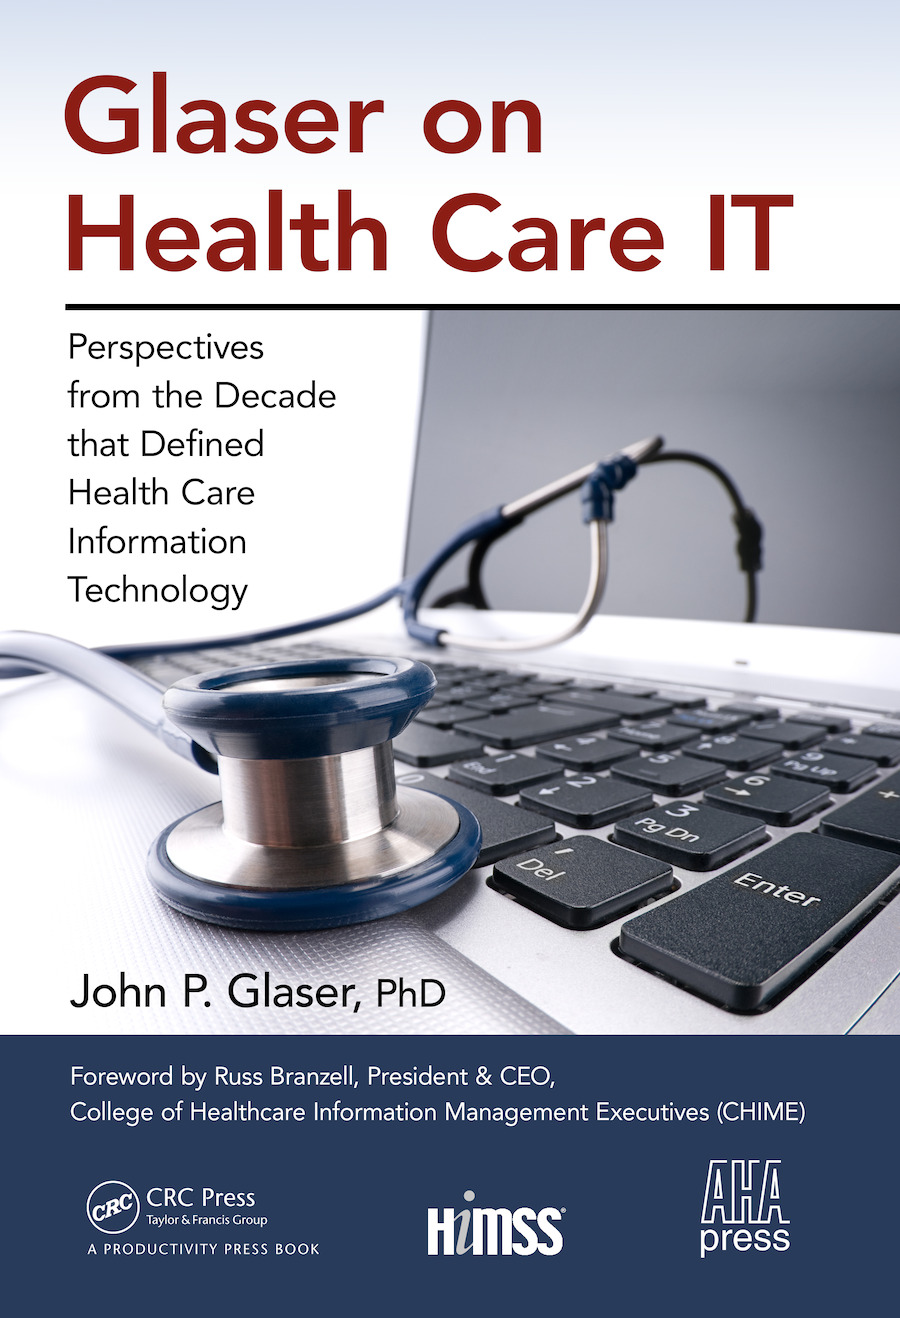 Glaser on Health Care IT